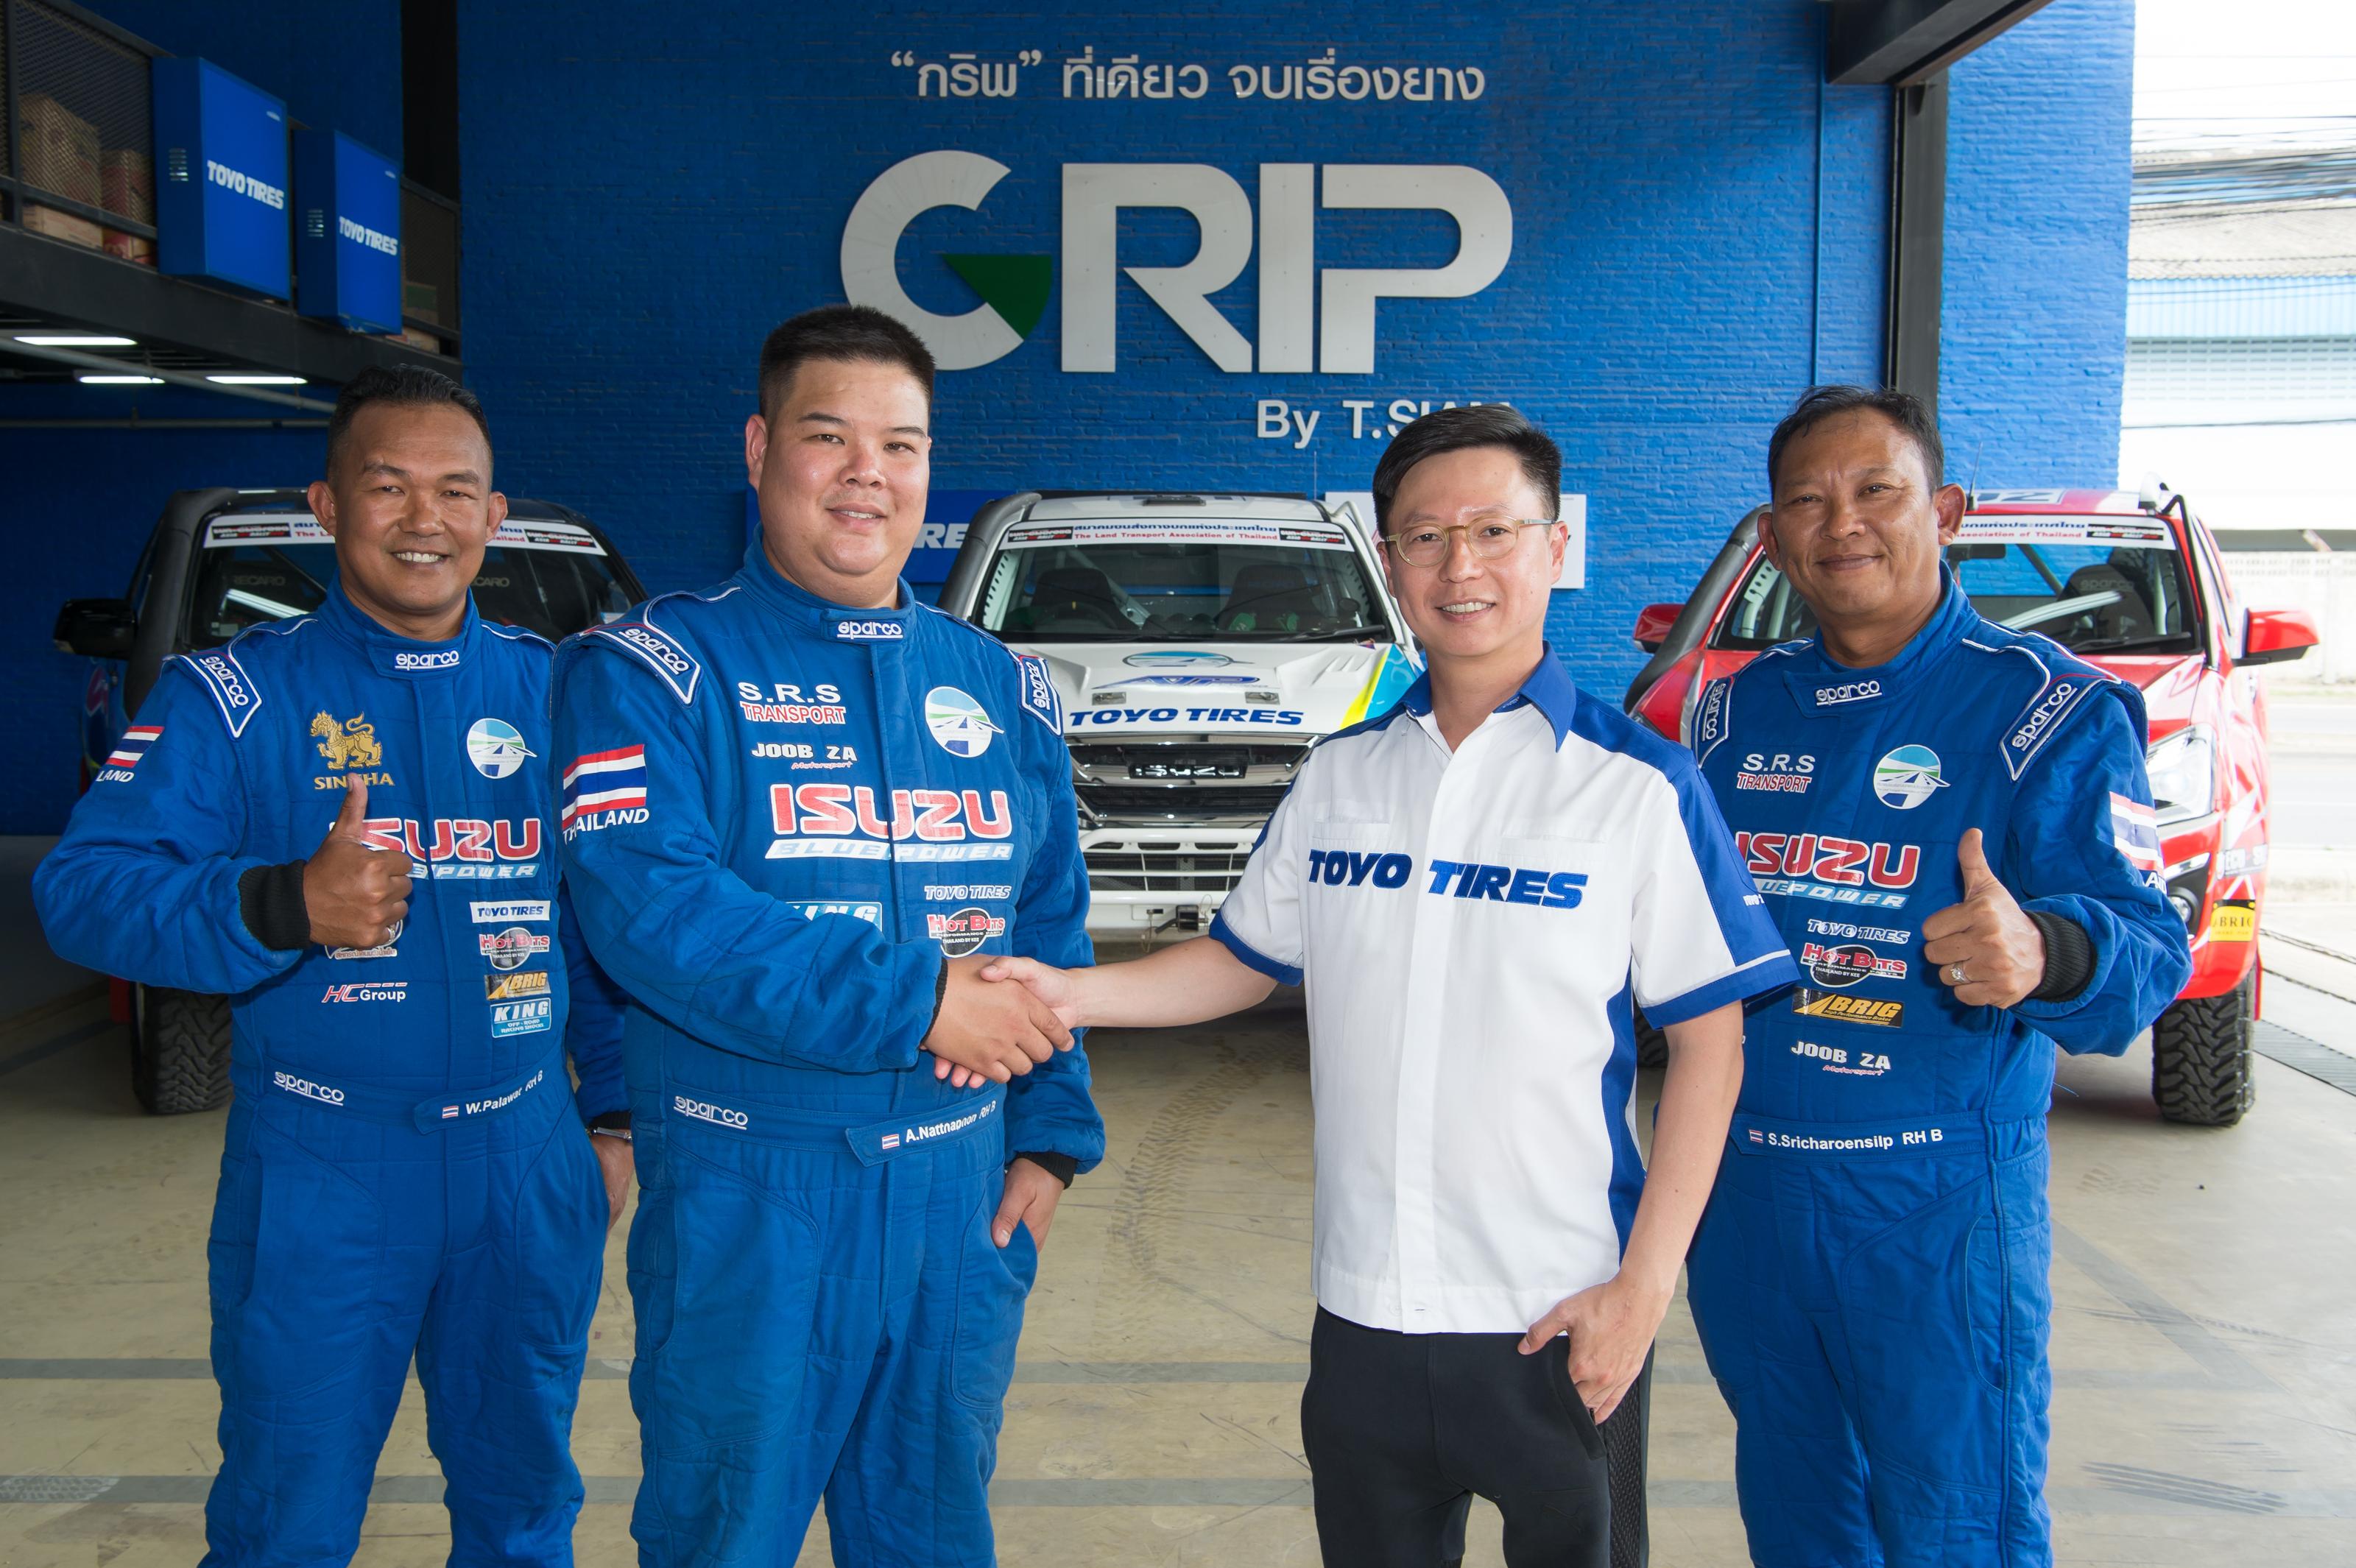 ยางโตโย ไทร์ หนุน จุ๊บซ่า คว้าแชมป์  Asia Cross Country Rally 2019  ส่งยาง OPEN COUNTRY M/T  พิสูจน์ประสิทธิภาพยางระดับโลก  กับเส้นทางสุดโหดกว่า 2,000 km.